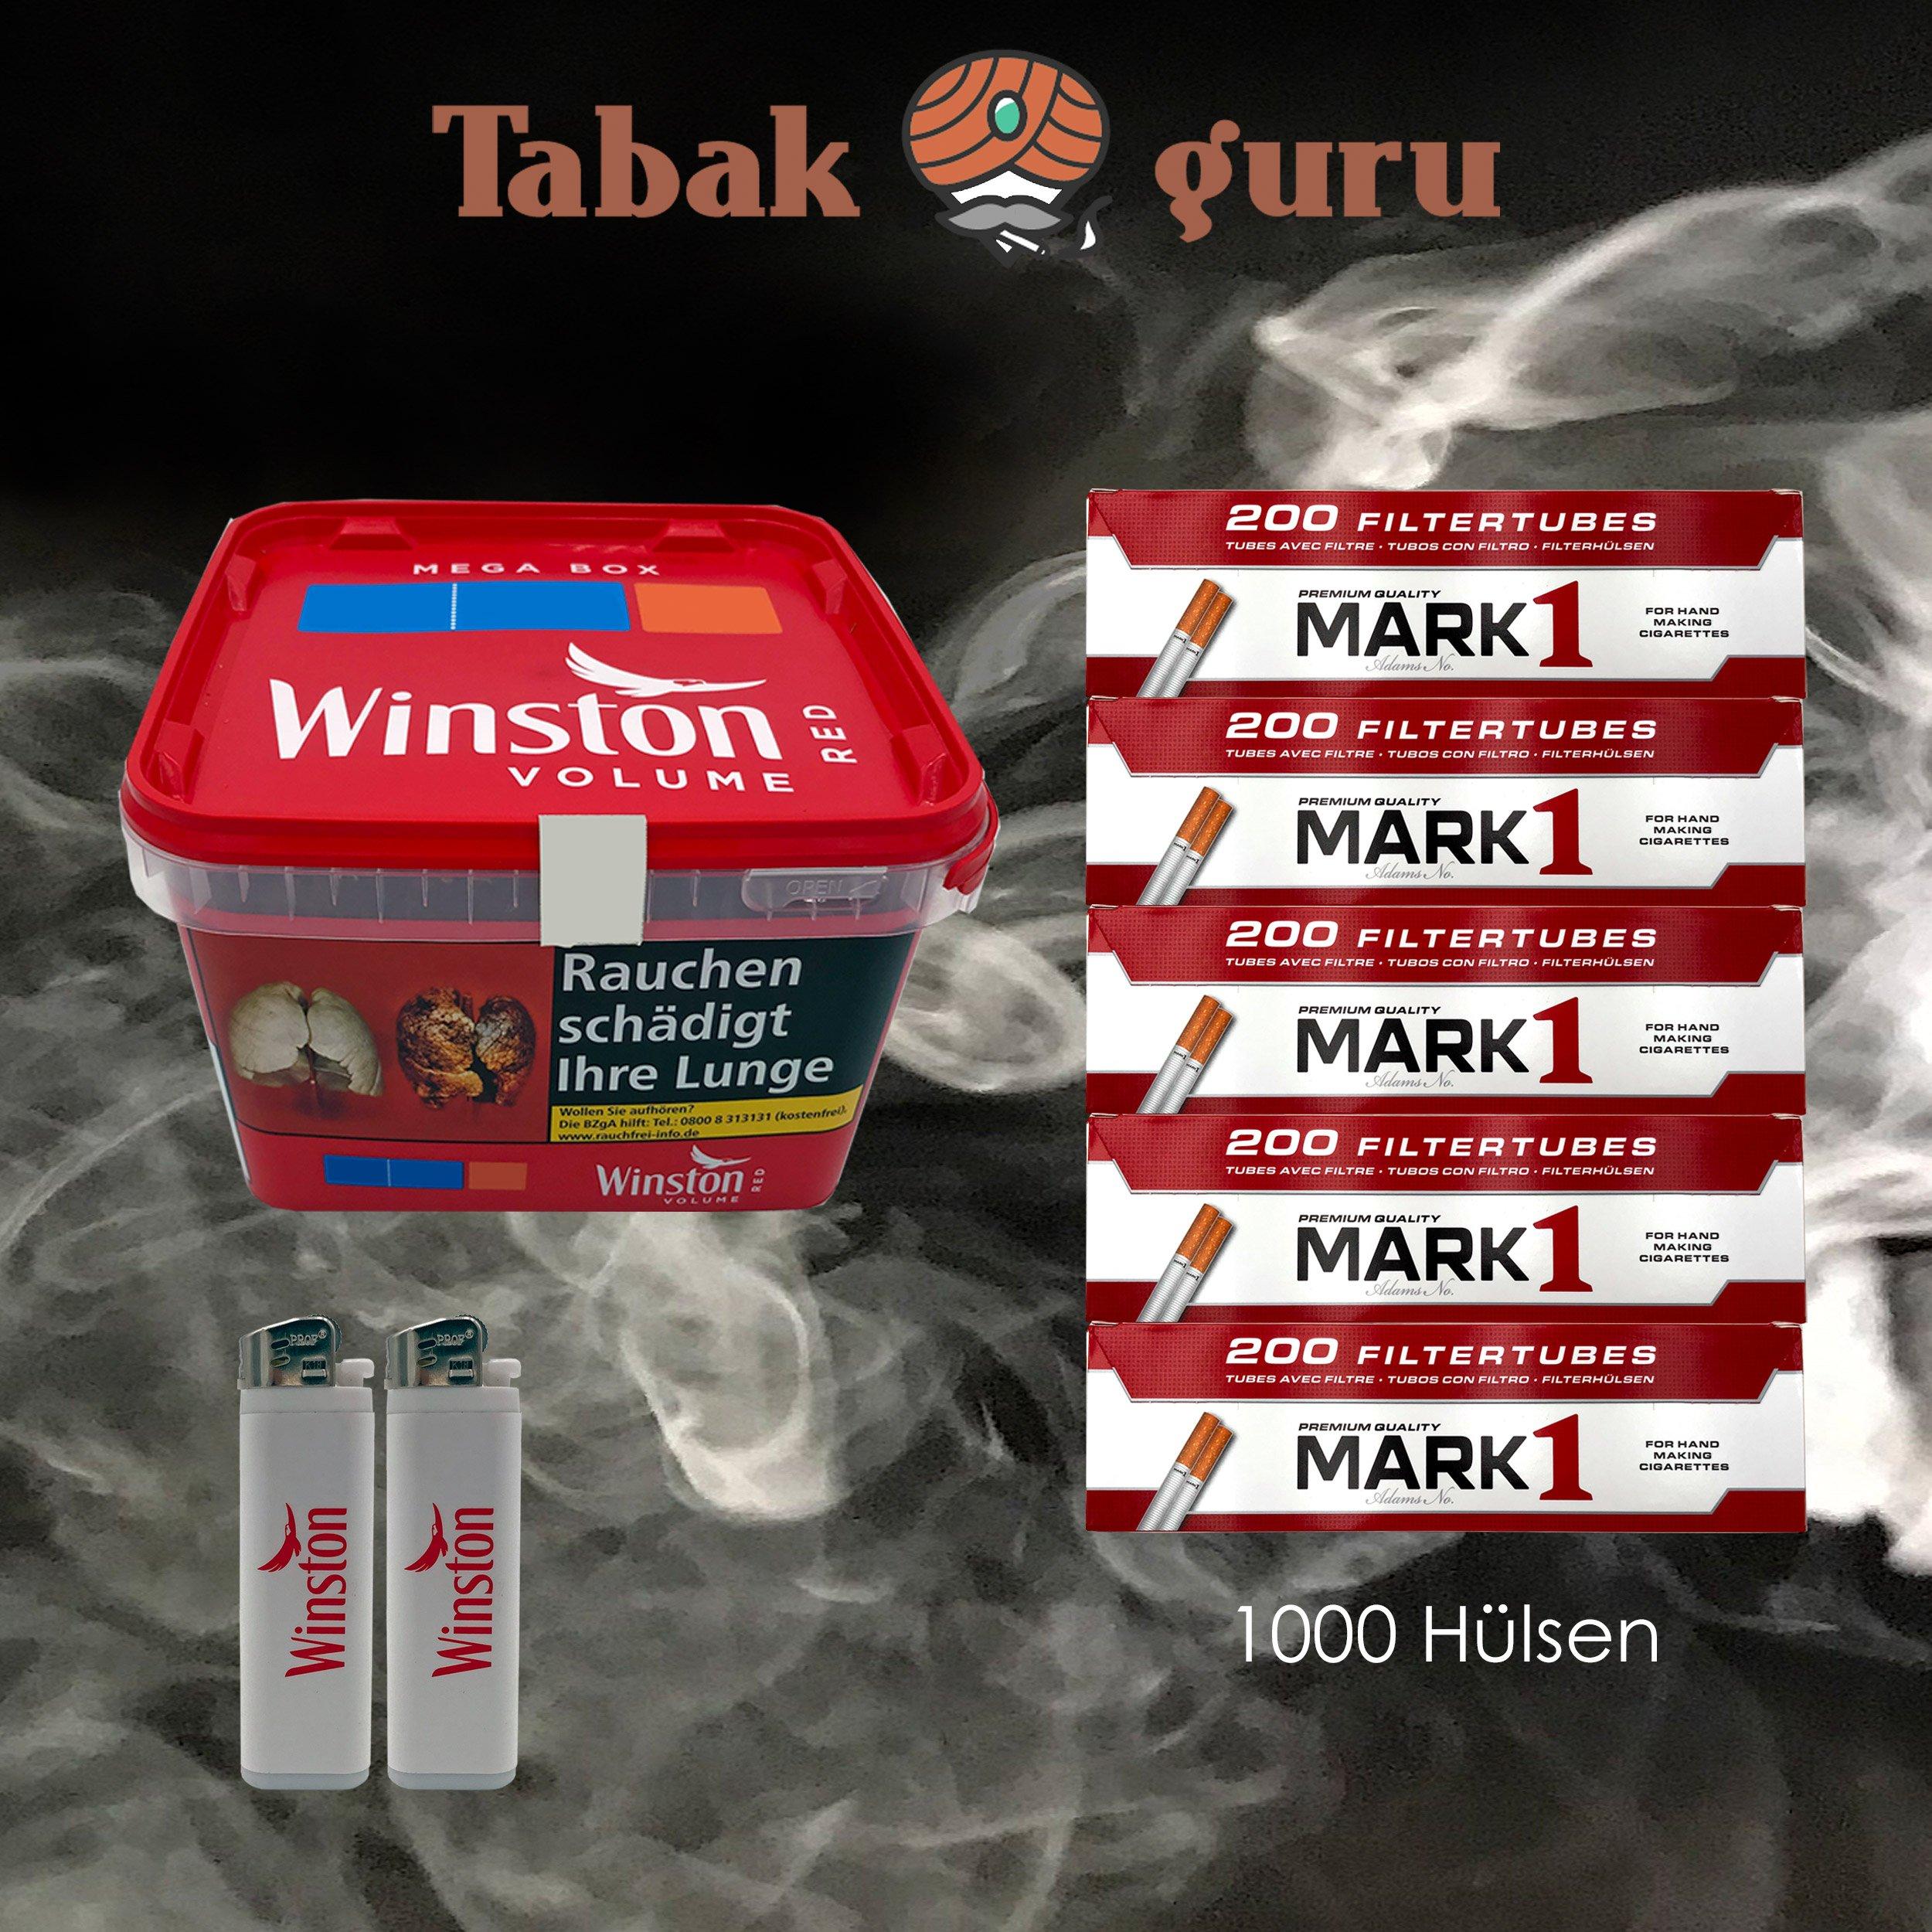 1x Winston Classic Red / Rot Mega Box 170g Volumentabak, 1000 Mark1 Hülsen